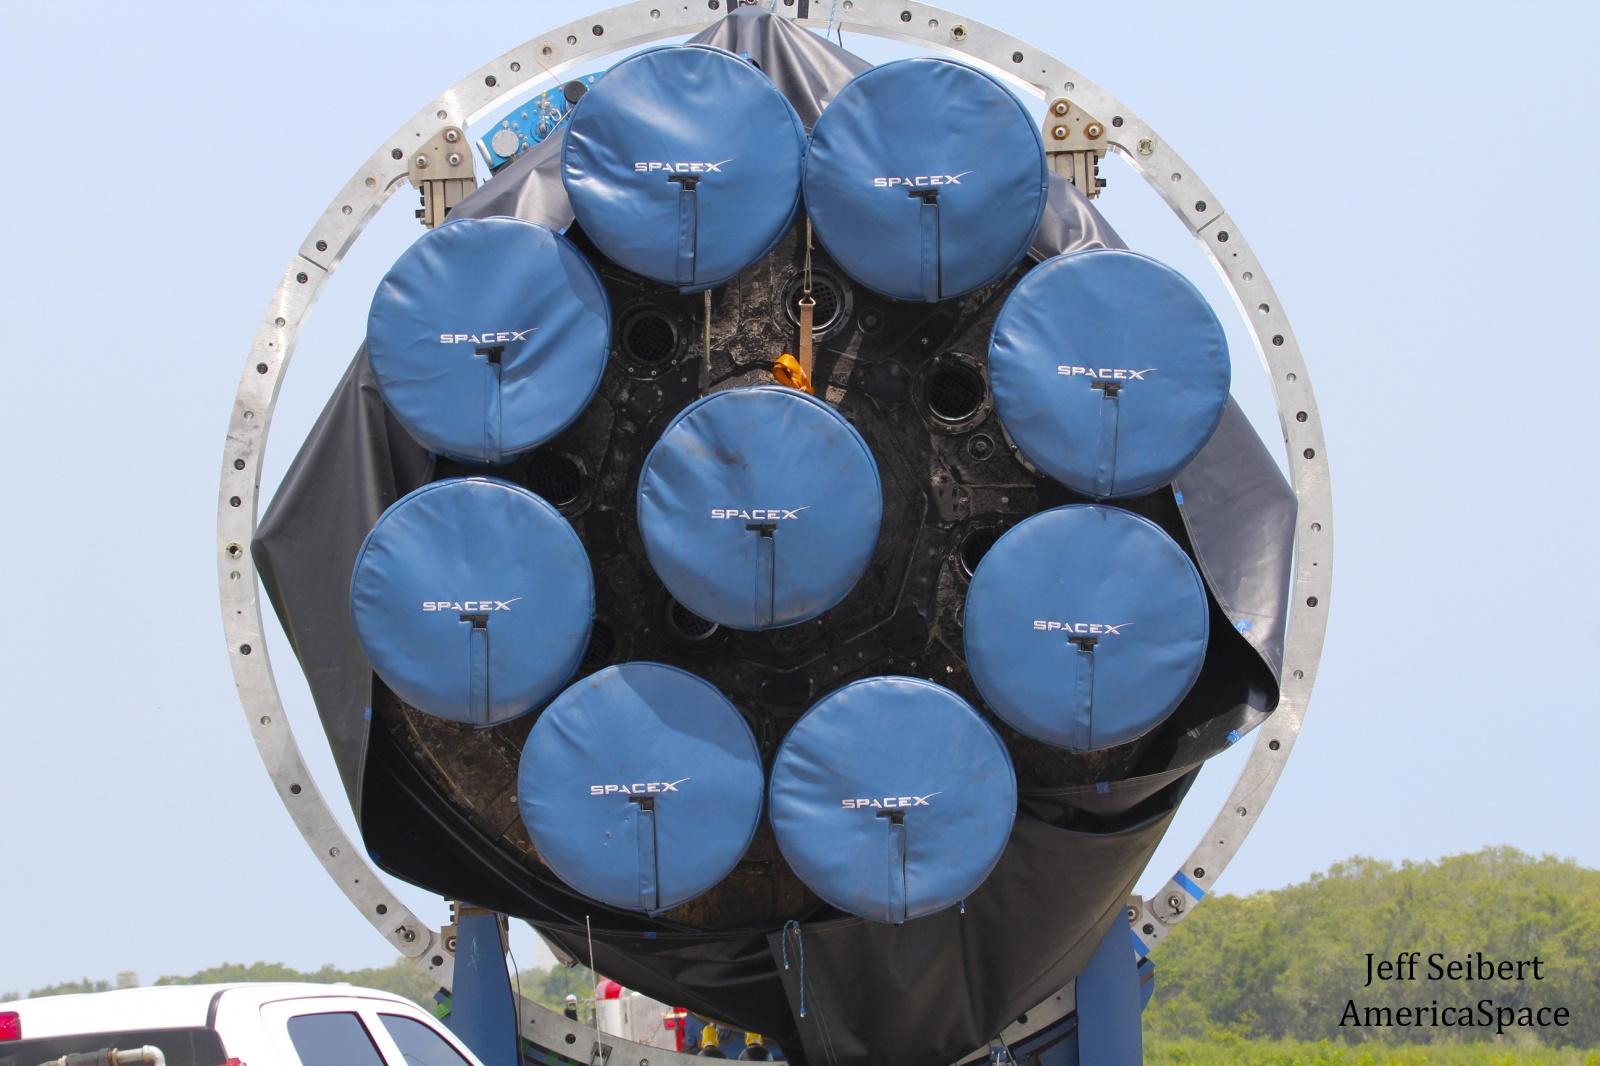 Илон Маск: вернувшуюся в мае первую ступень Falcon 9 больше нельзя запускать в космос - 4